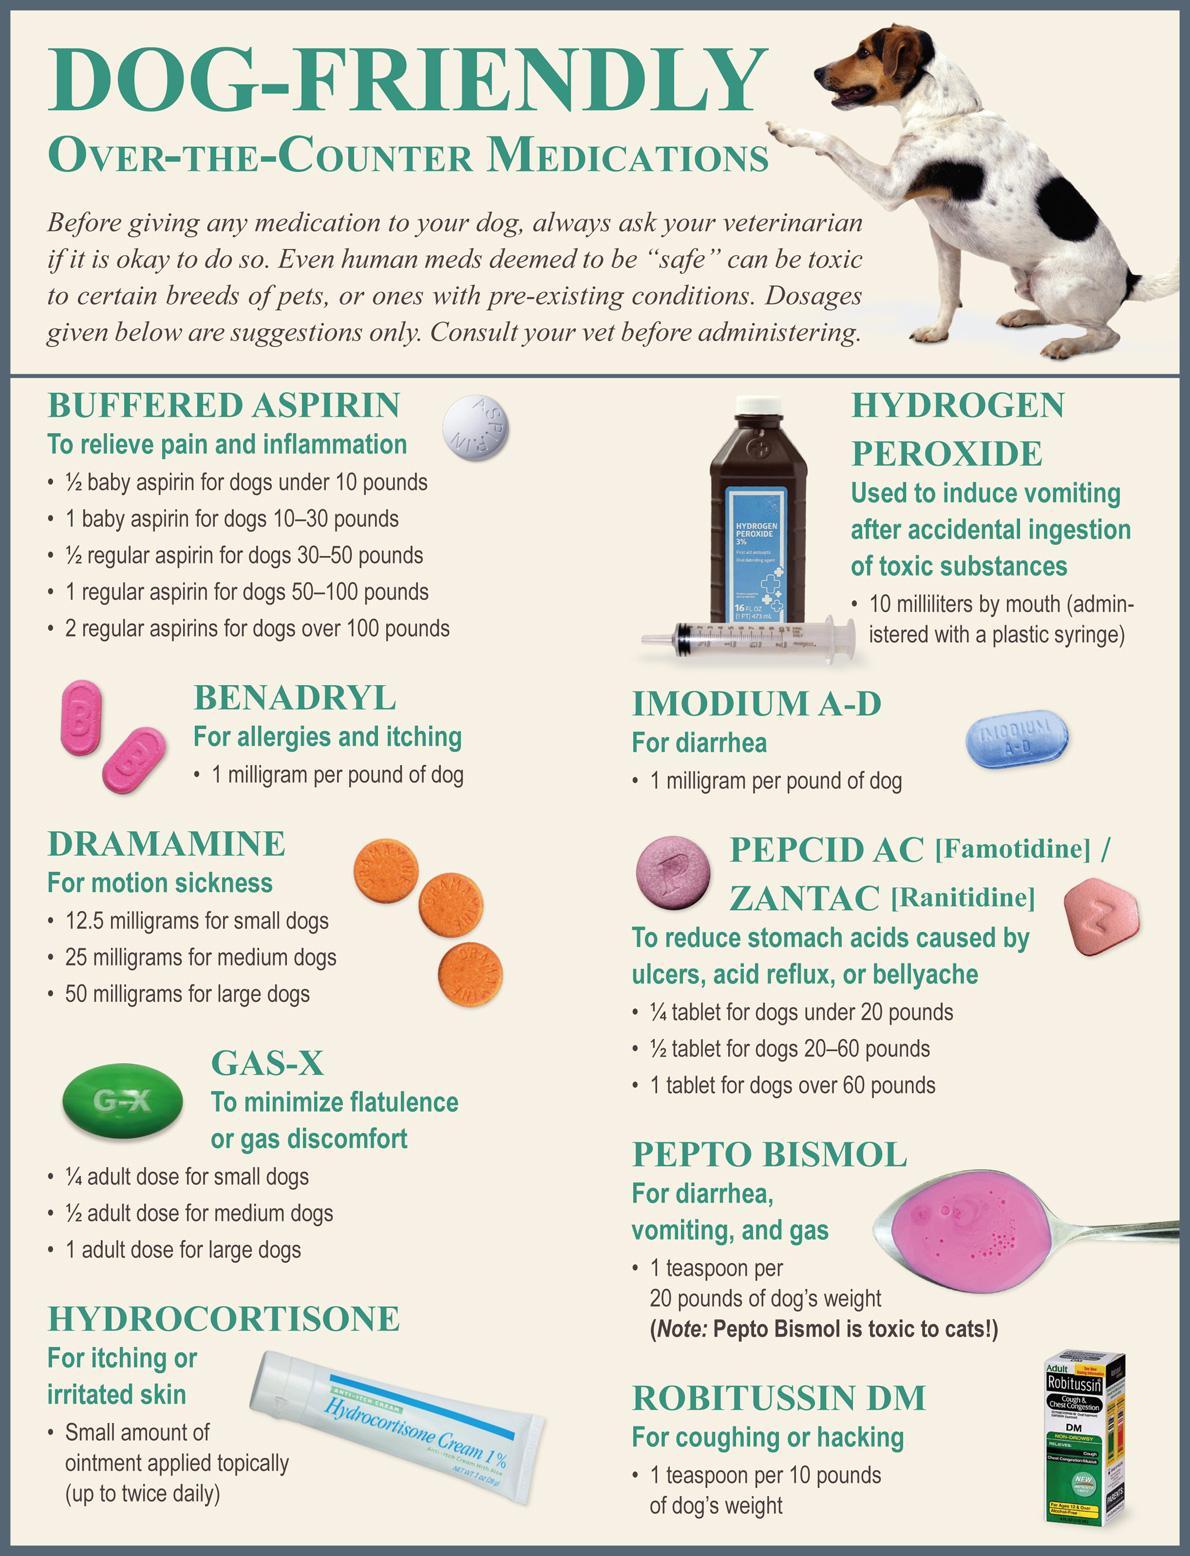 Astounding Safe Dog Medications Dog Medications Archives Dog Itching No Fleas Benadryl Dog Itchy Benadryl bark post Dog Itching Benadryl